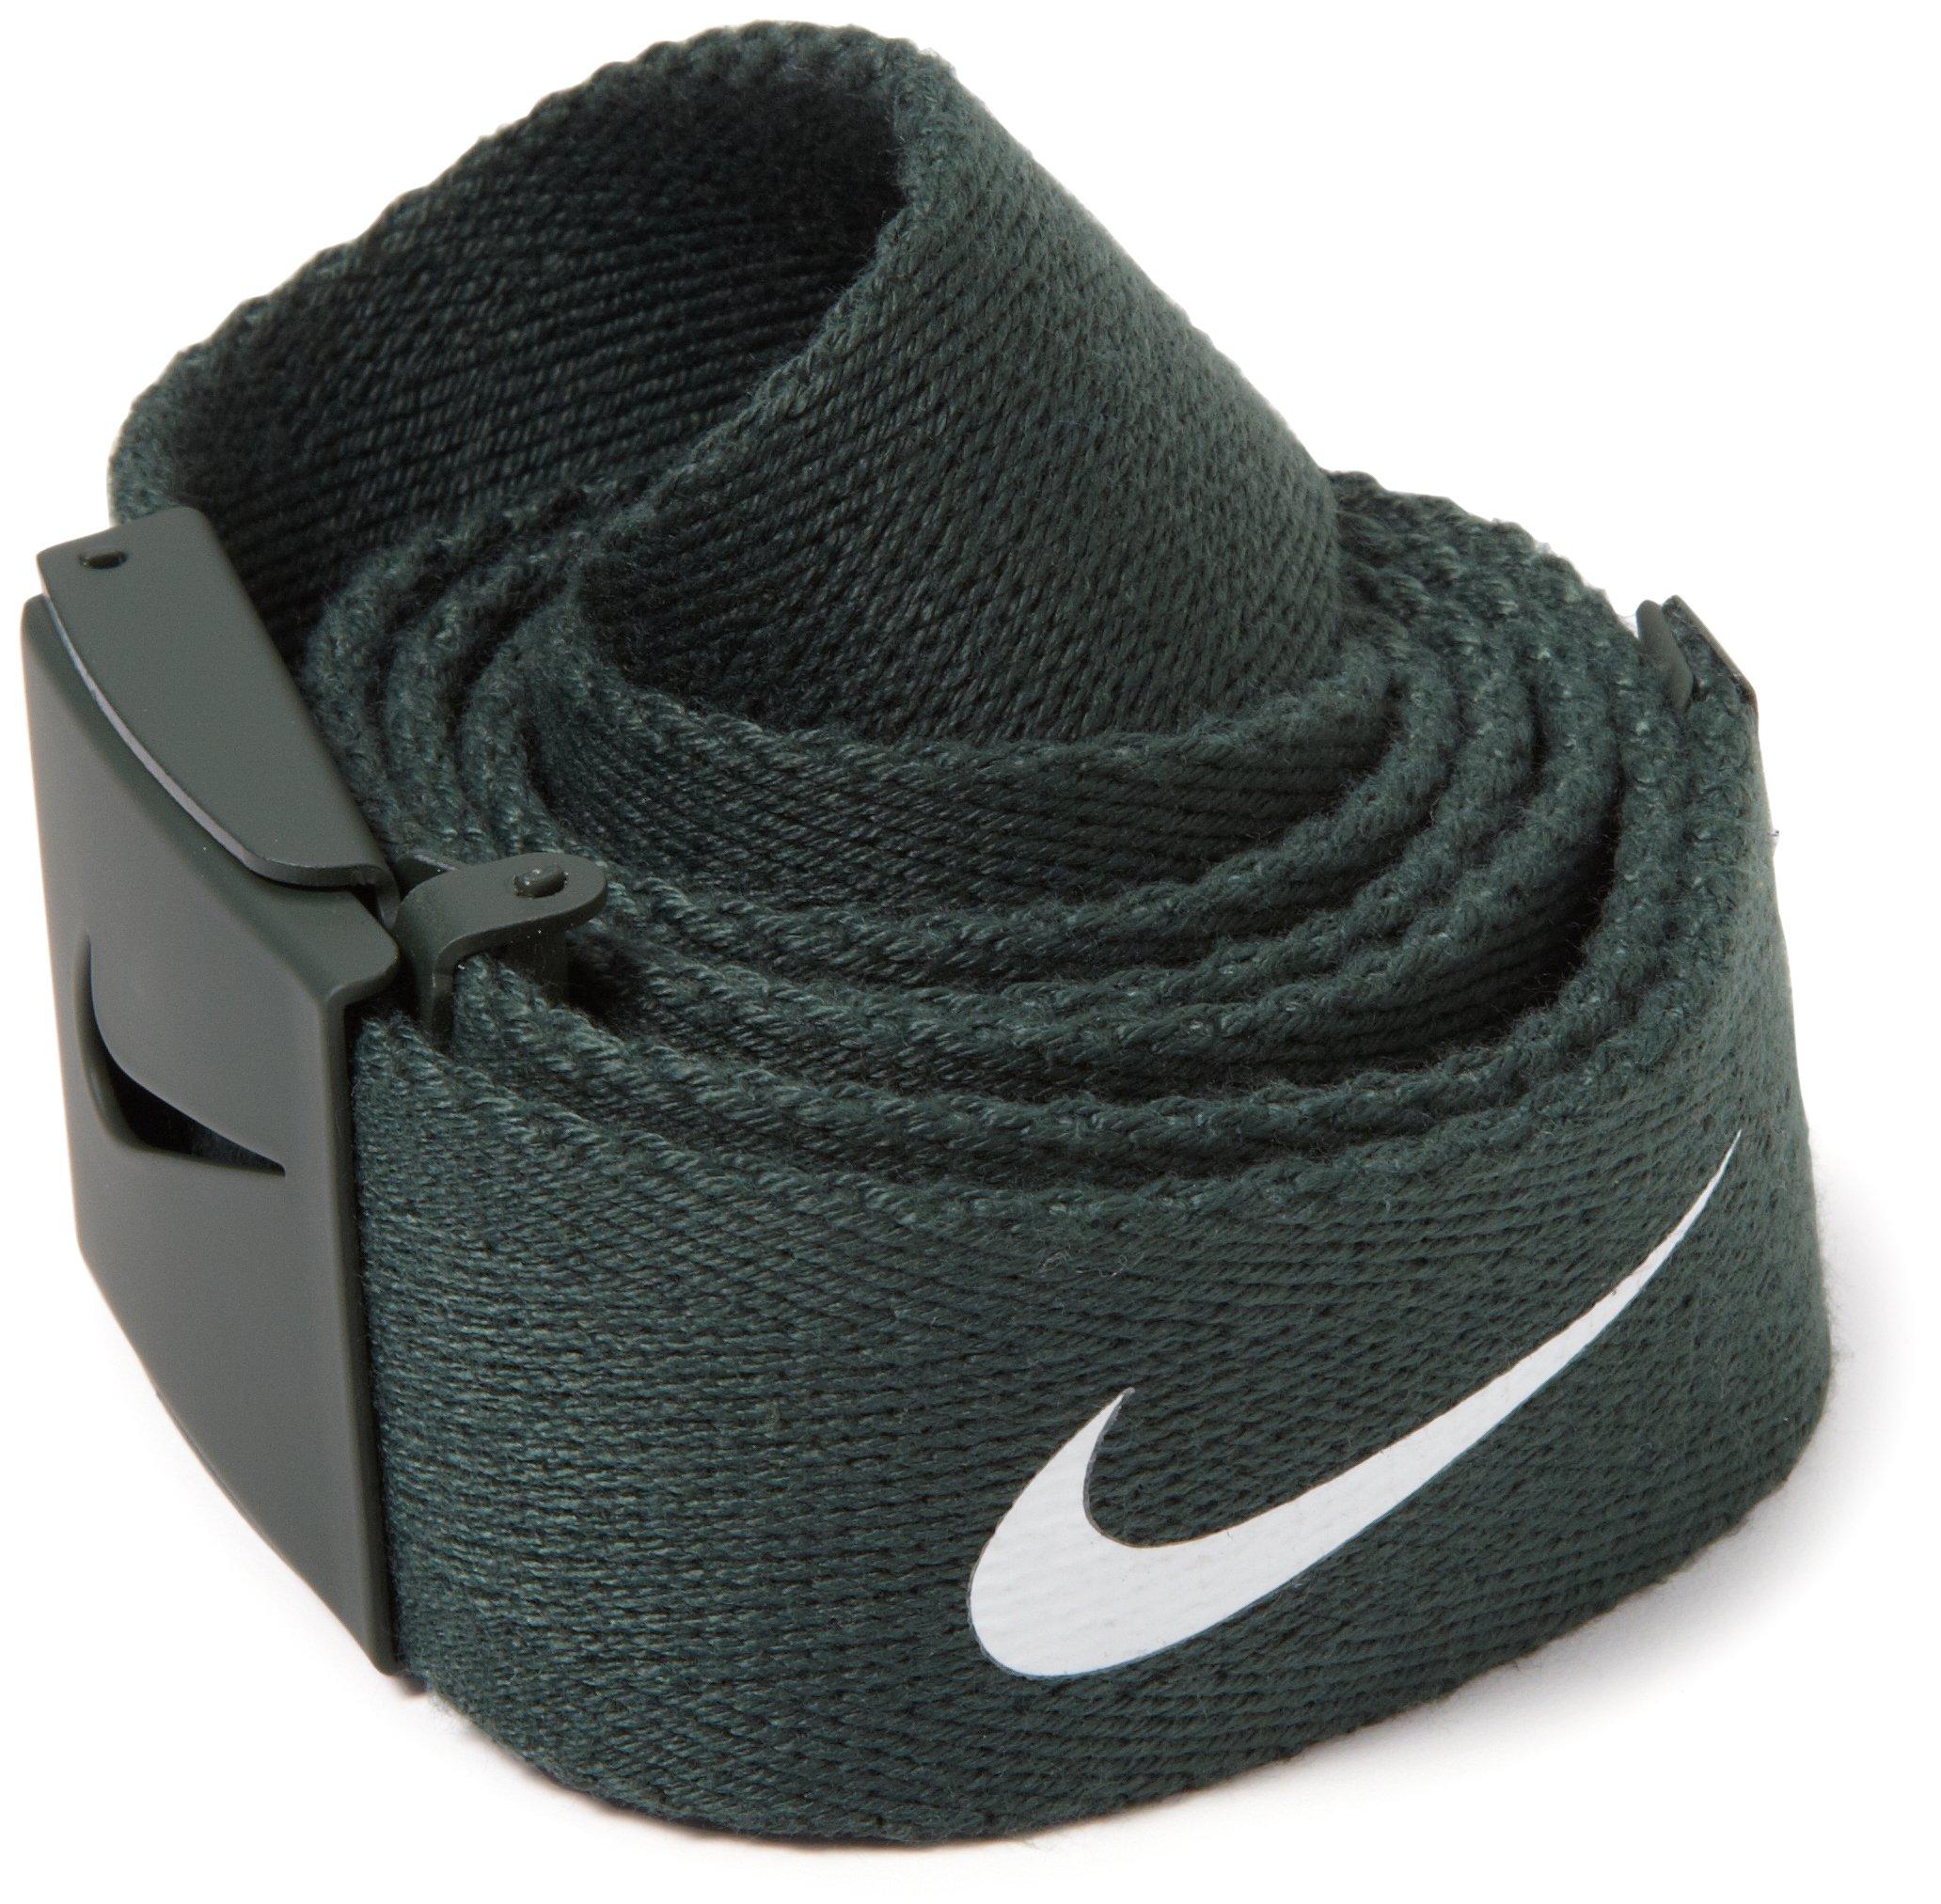 Nike Men's Tech Essential Web Belt